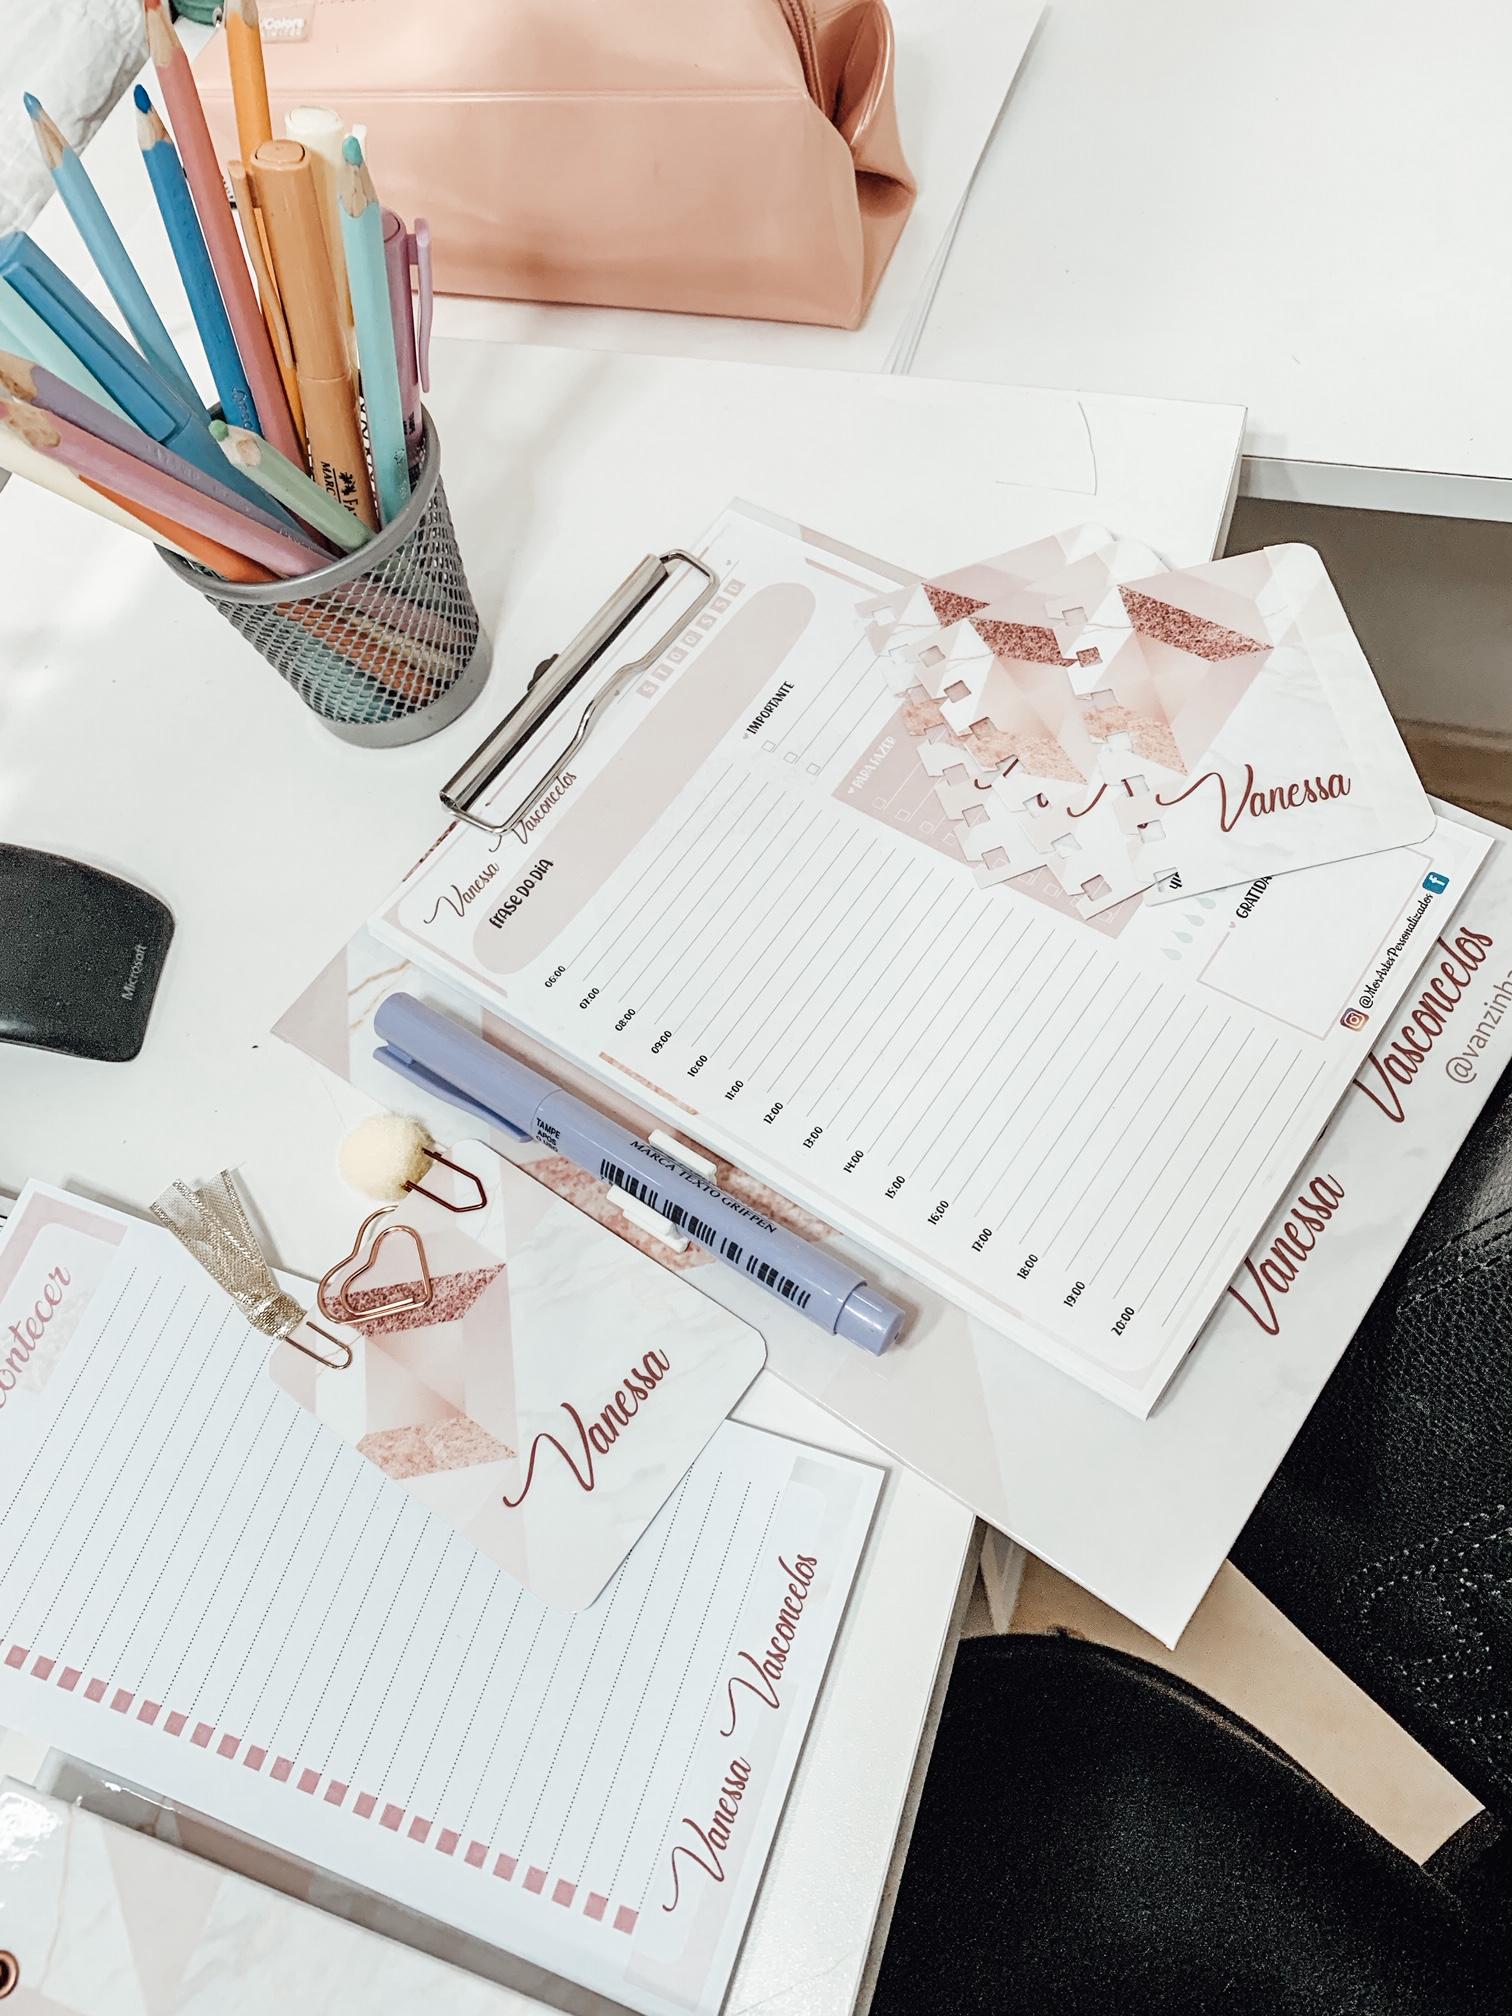 Morartes aposta em Planners e papelaria personalizados 4